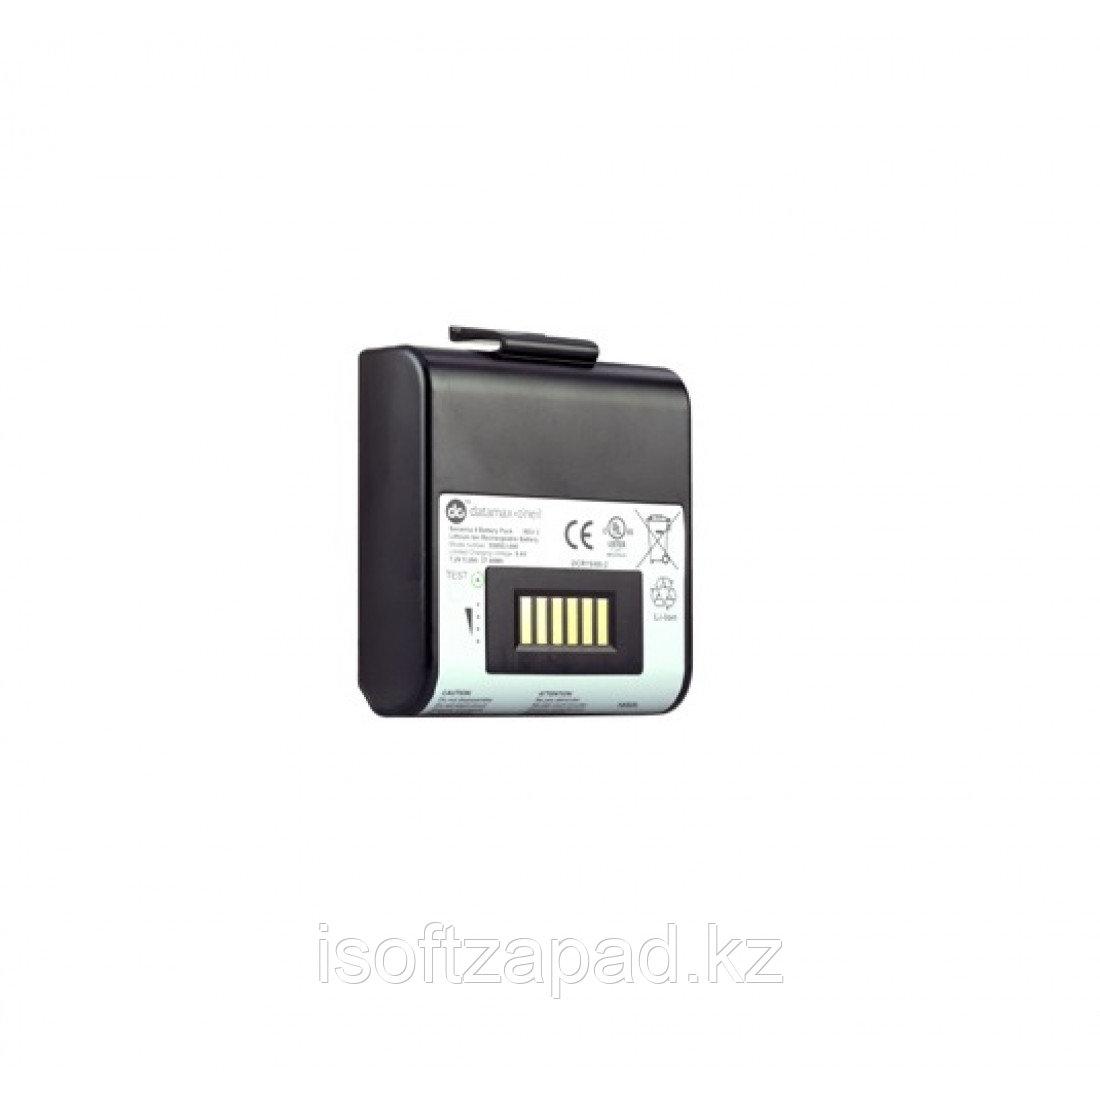 Smart аккумулятор со светодиодом, Honeywell, RP2 (50133975-001)